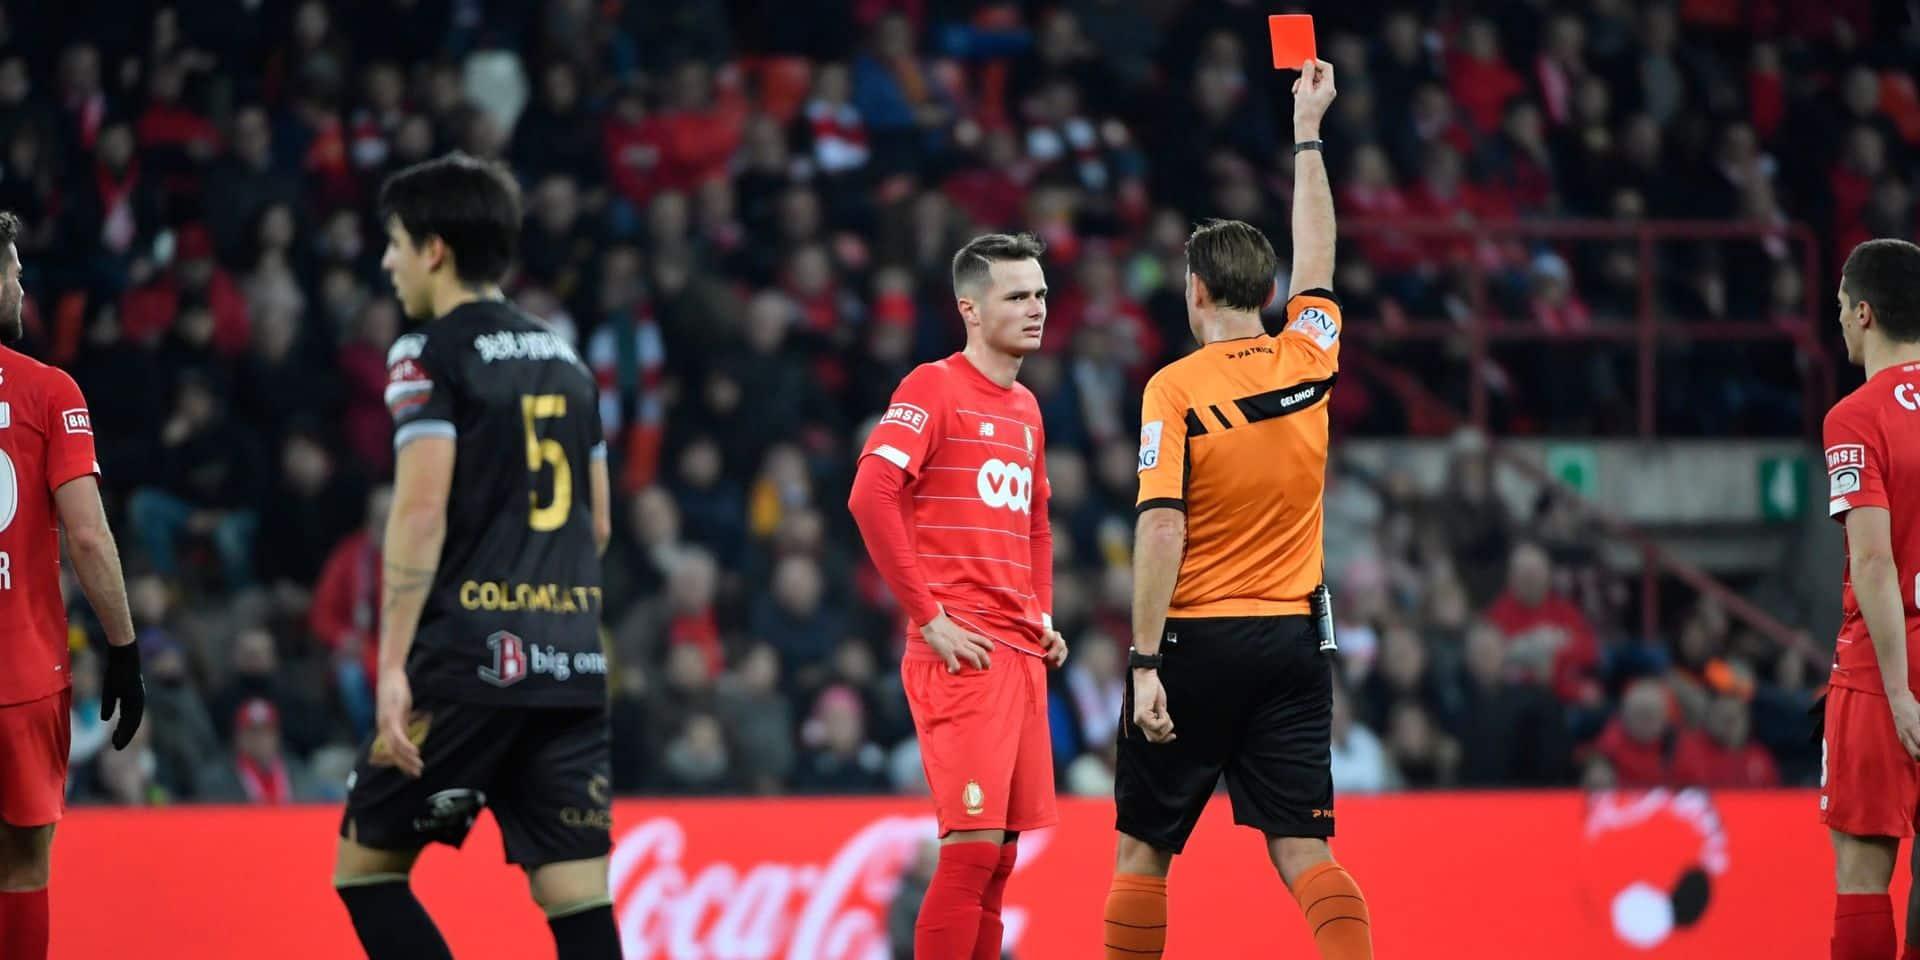 Le Parquet fédéral sanctionne Zinho Vanheusden de cinq matchs dont un avec sursis, le Standard ira en appel